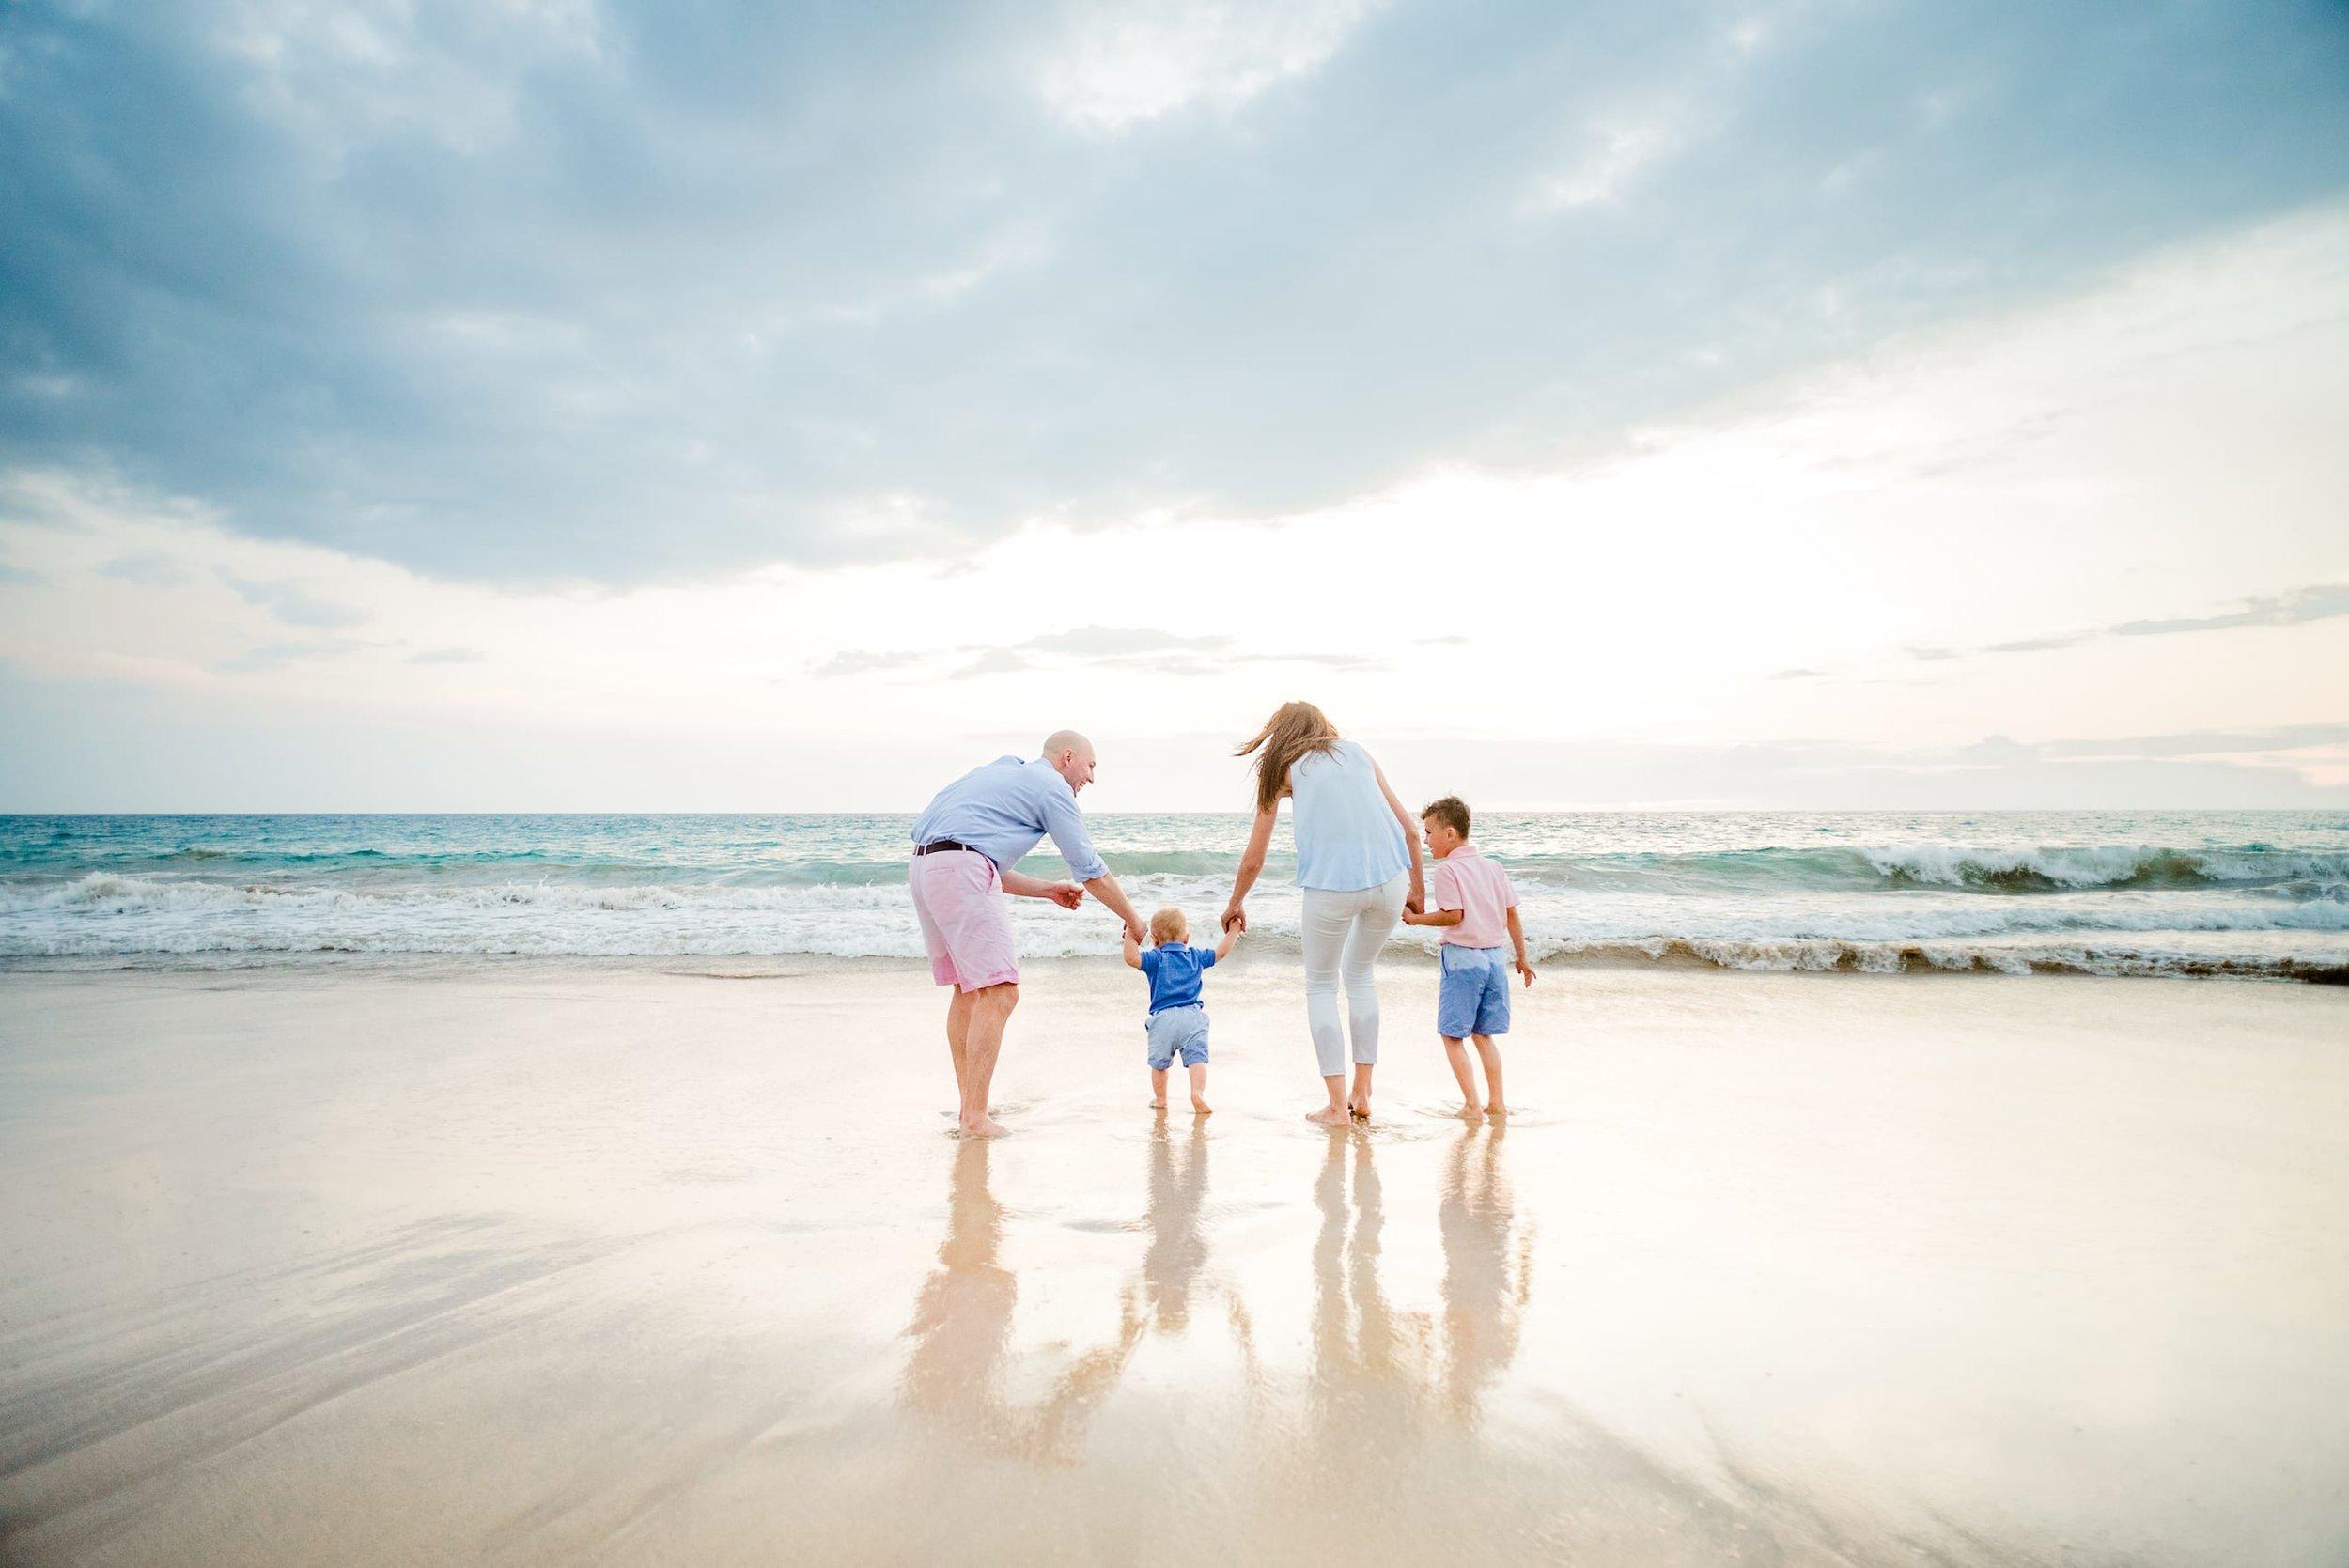 Waikoloa-Family-Vacation-Photographer-11.jpg